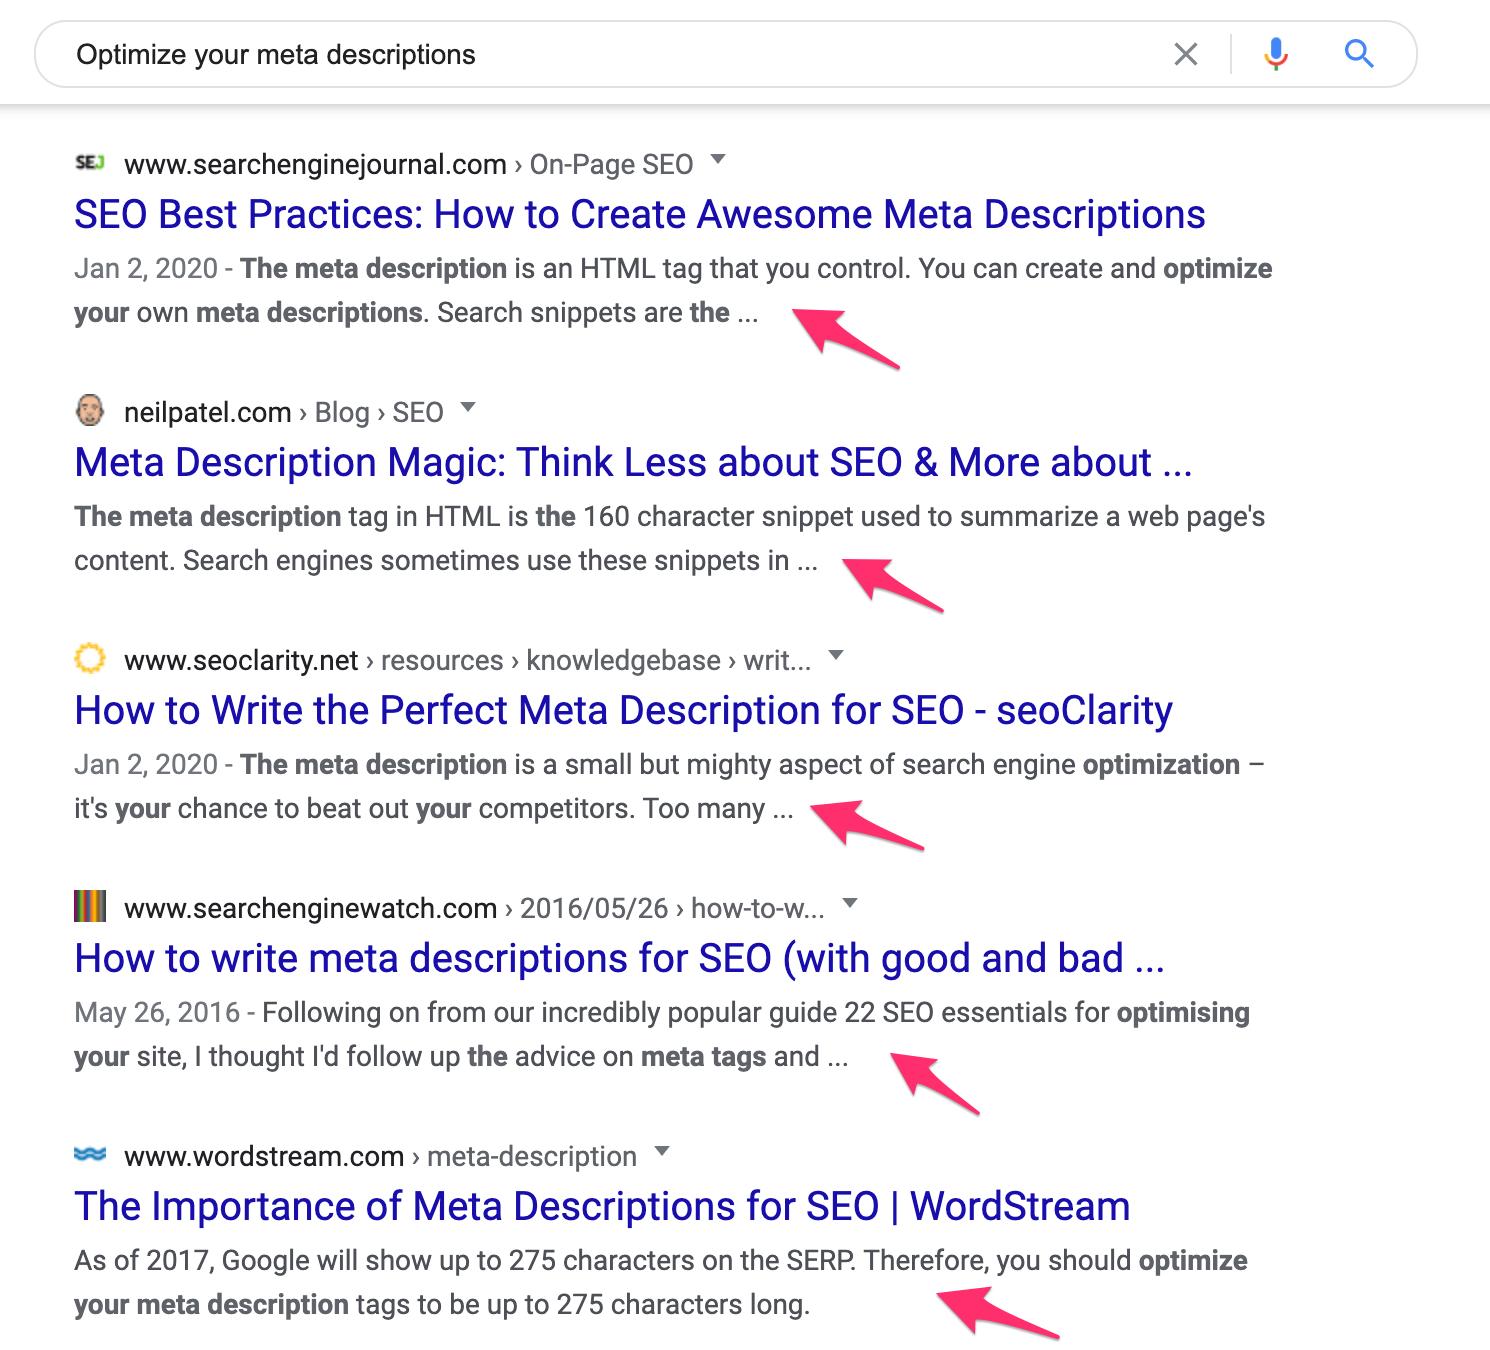 examples of meta descriptions